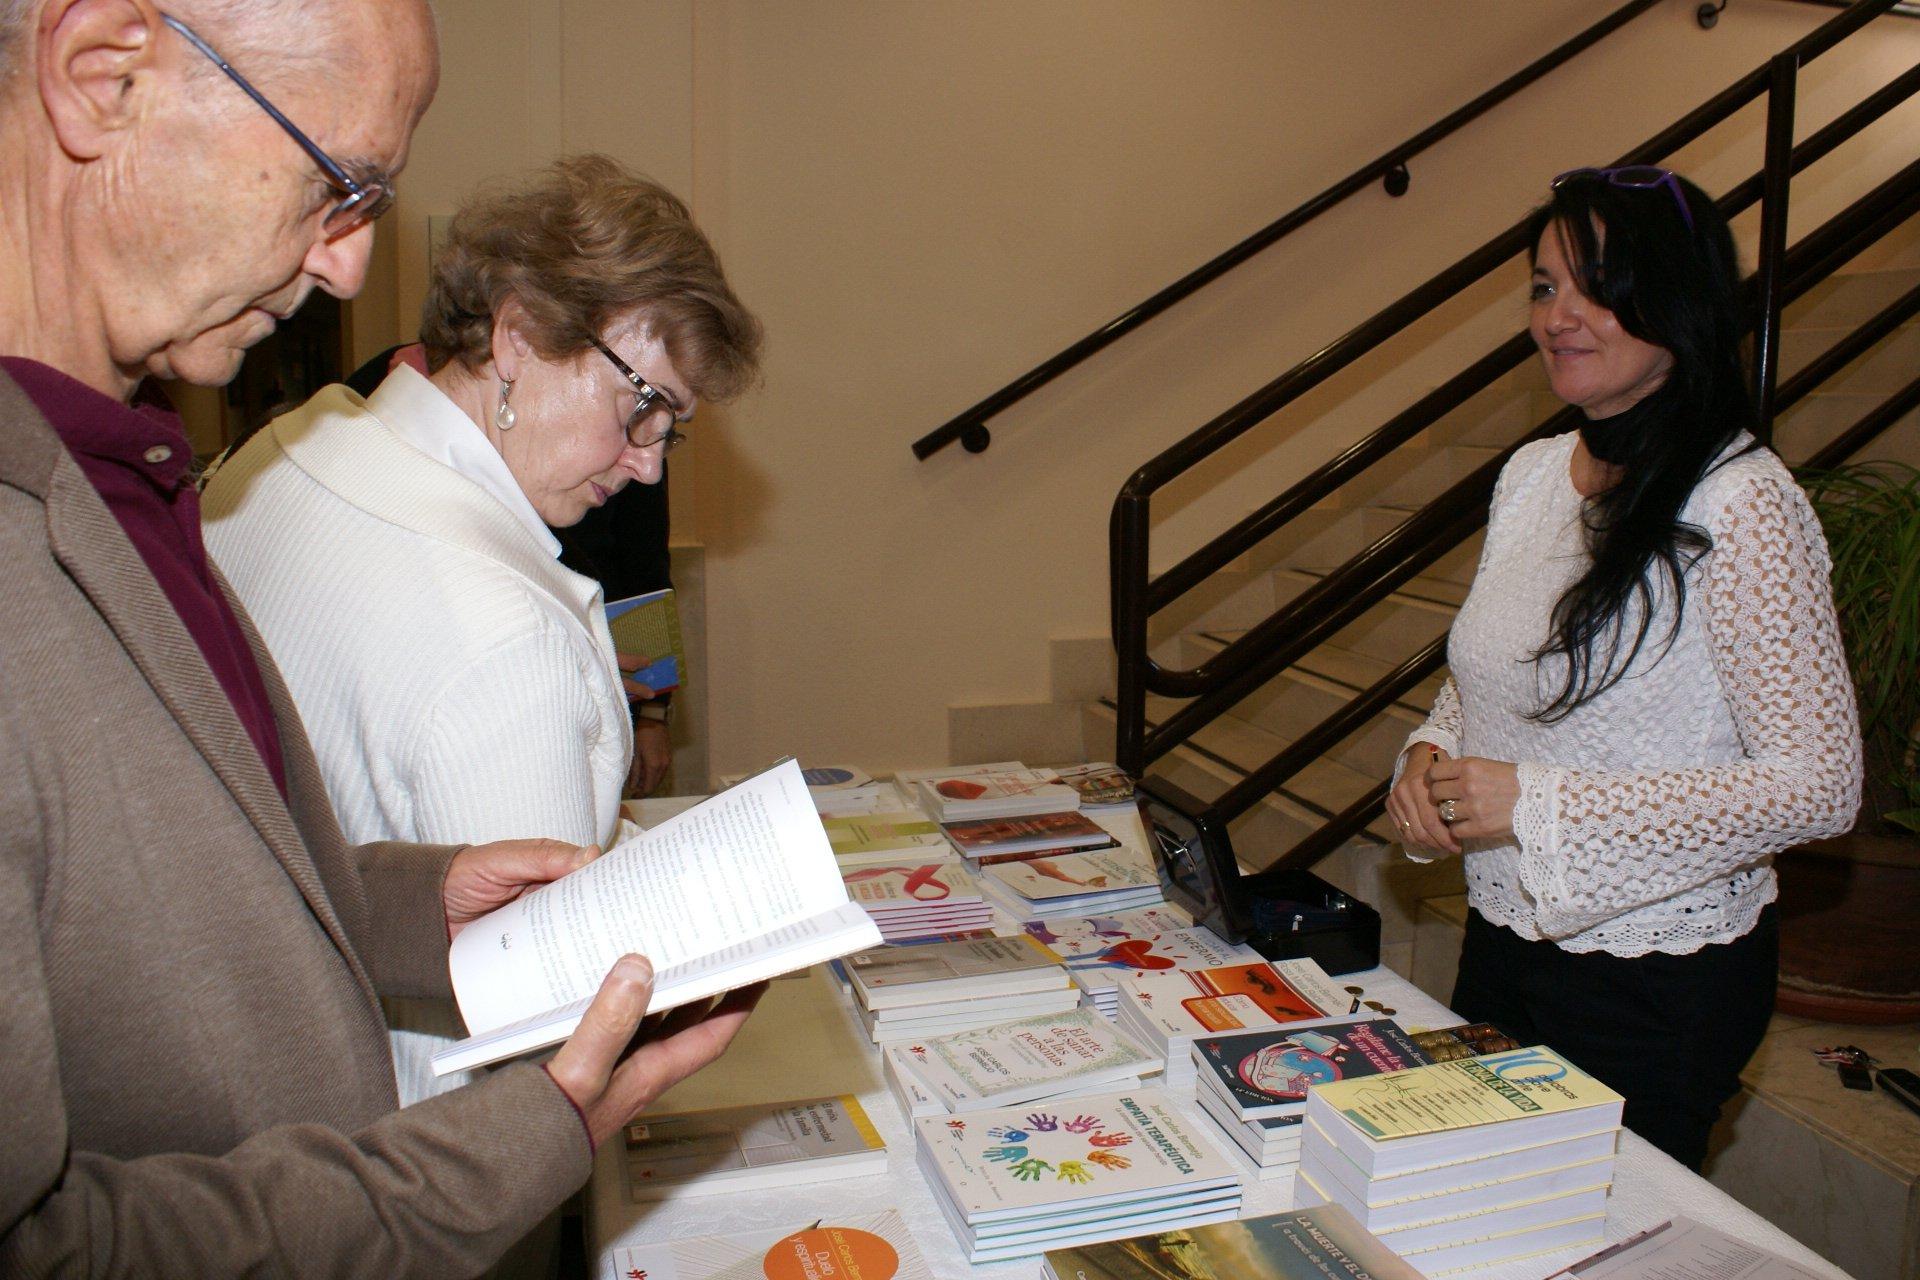 El Centro de Humanización de la Salud ha editado más de 10 libros en 2015